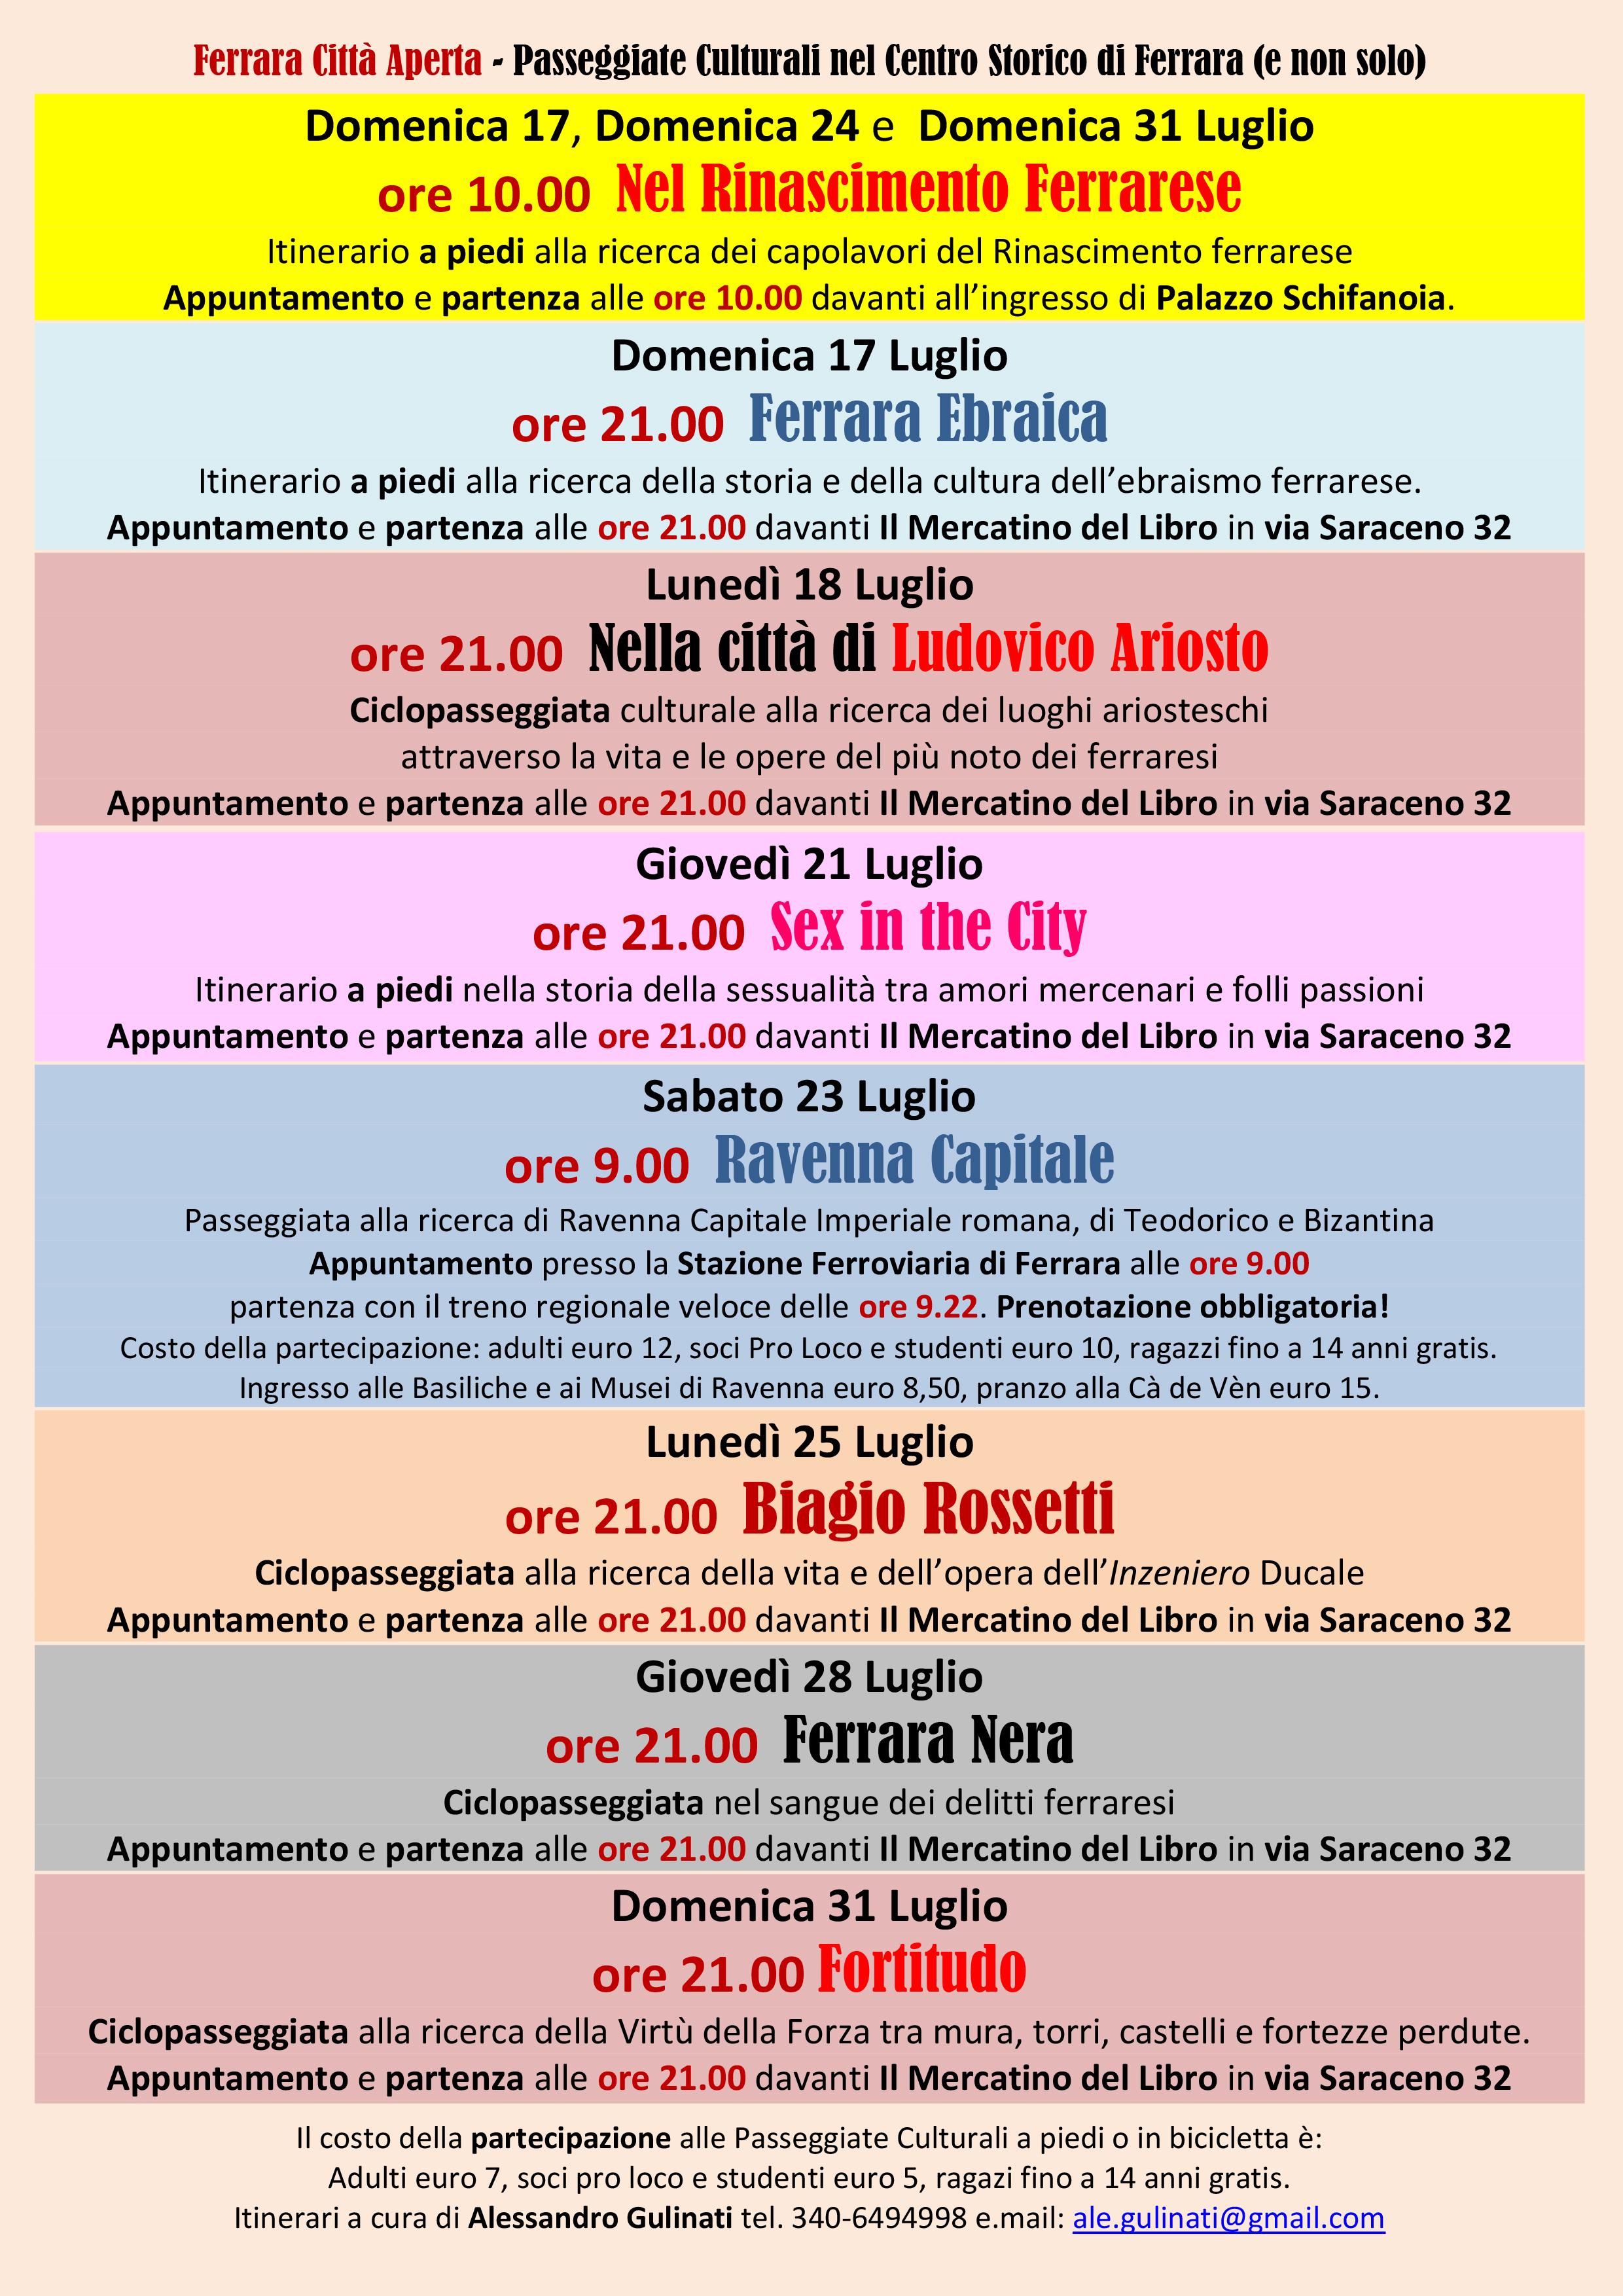 Programma Passeggiate Culturali Luglio 2016